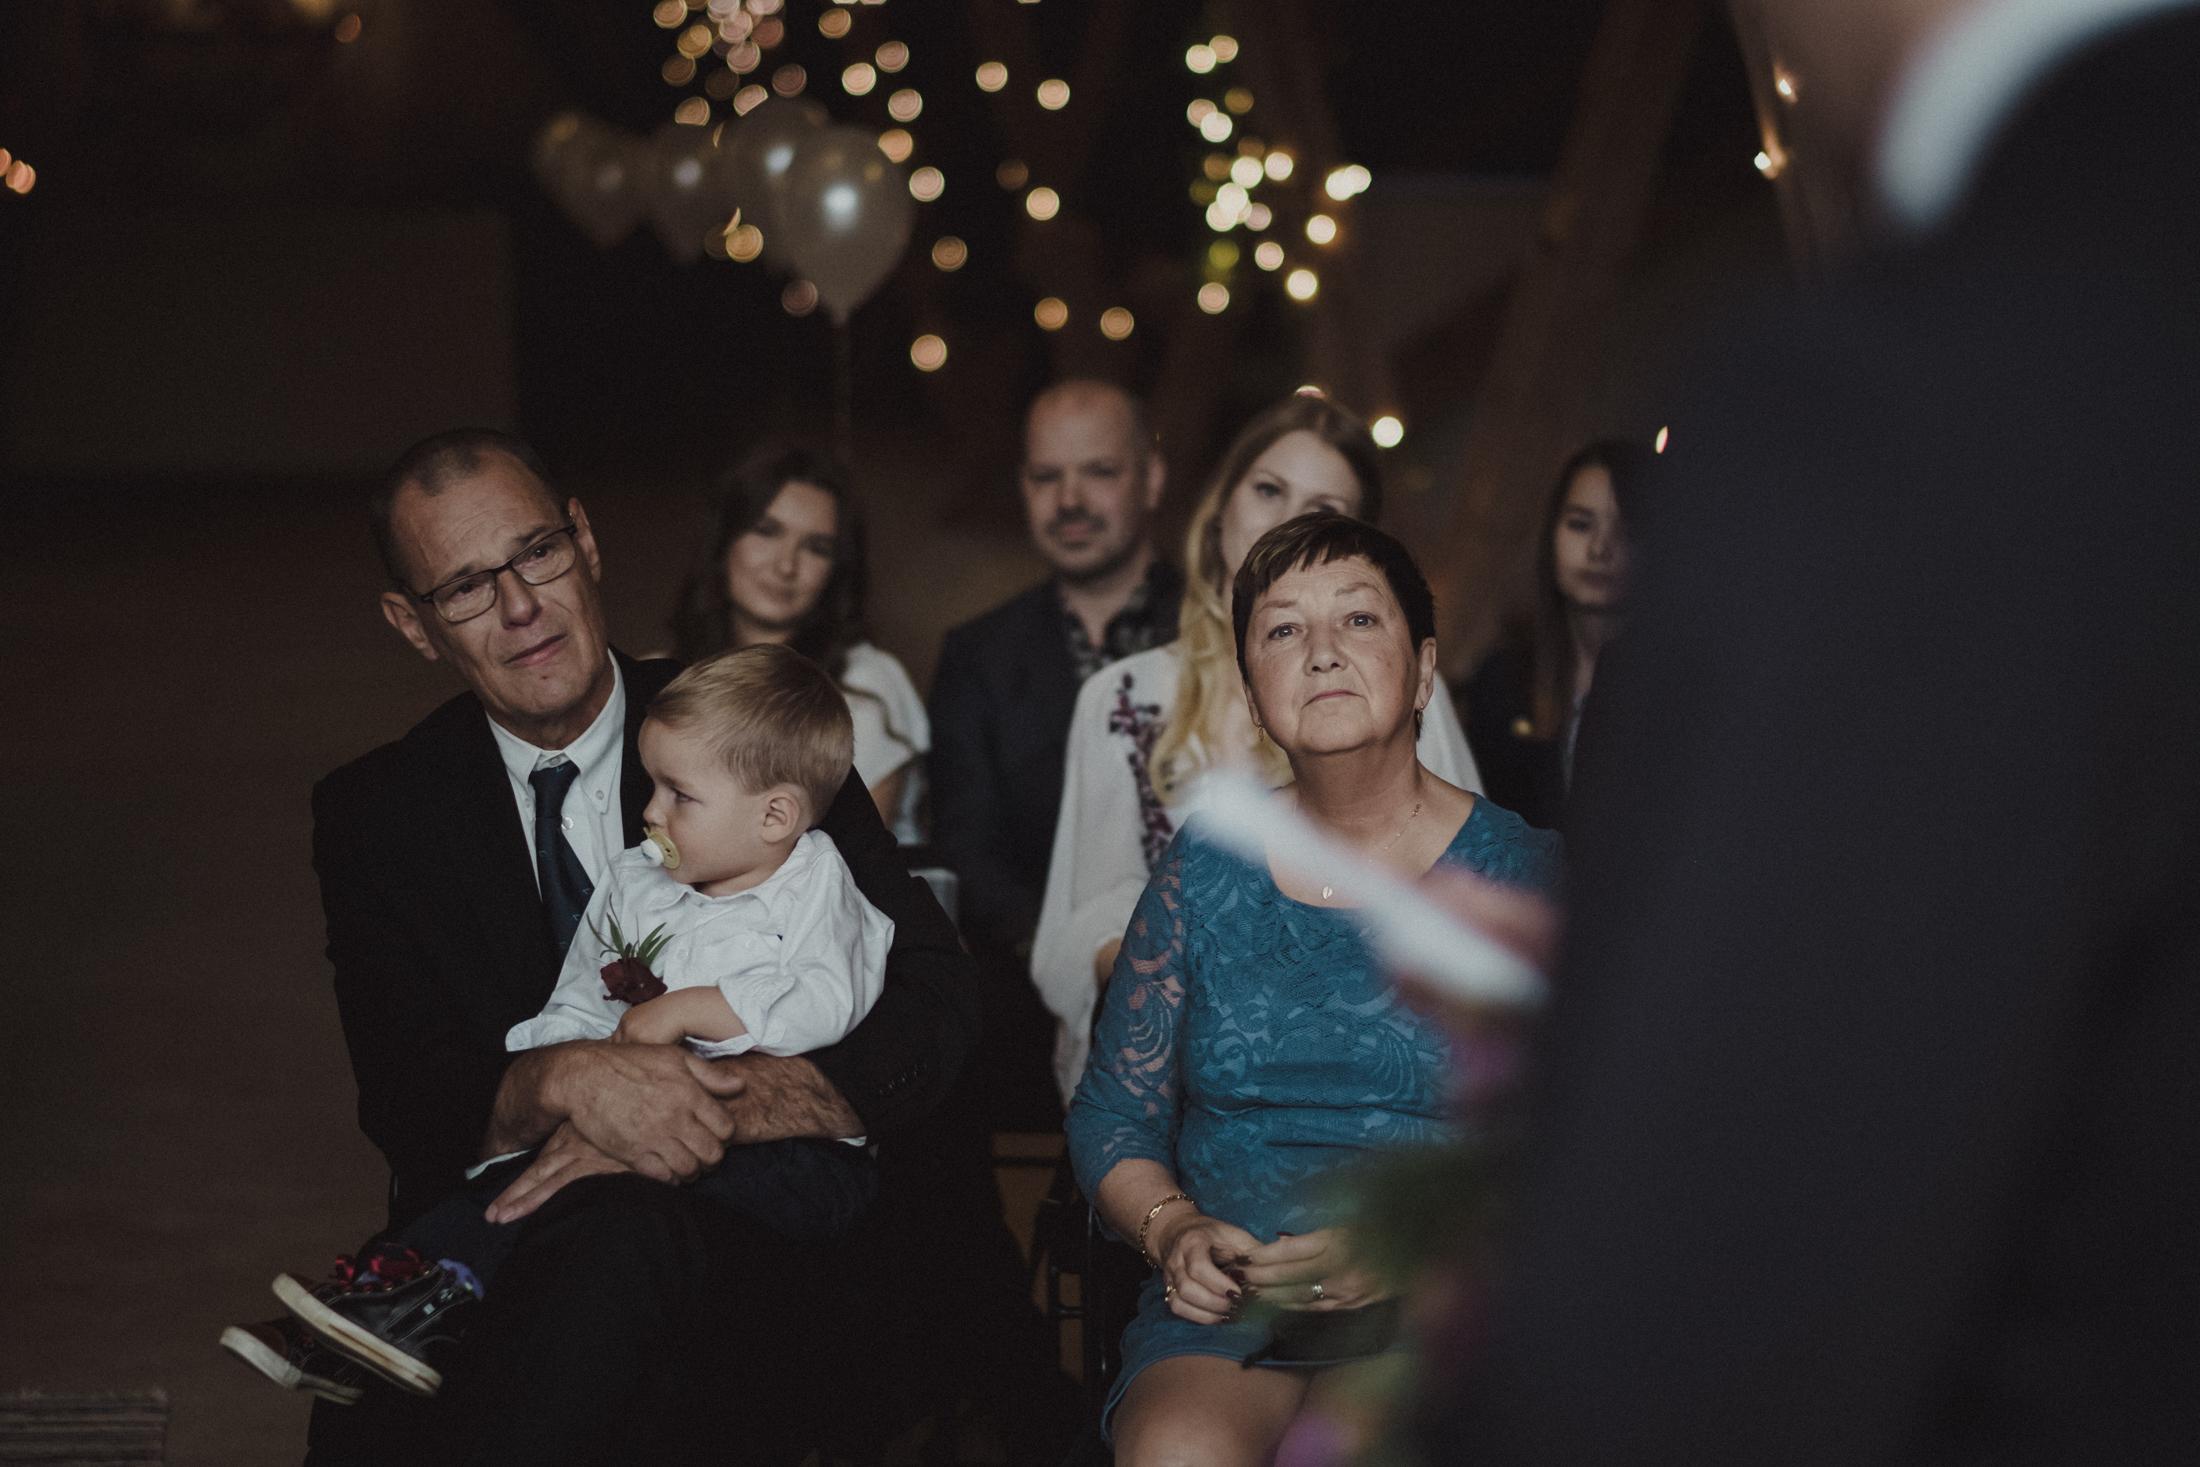 bröllopsfoto-fotograf-max-norin-130.jpg